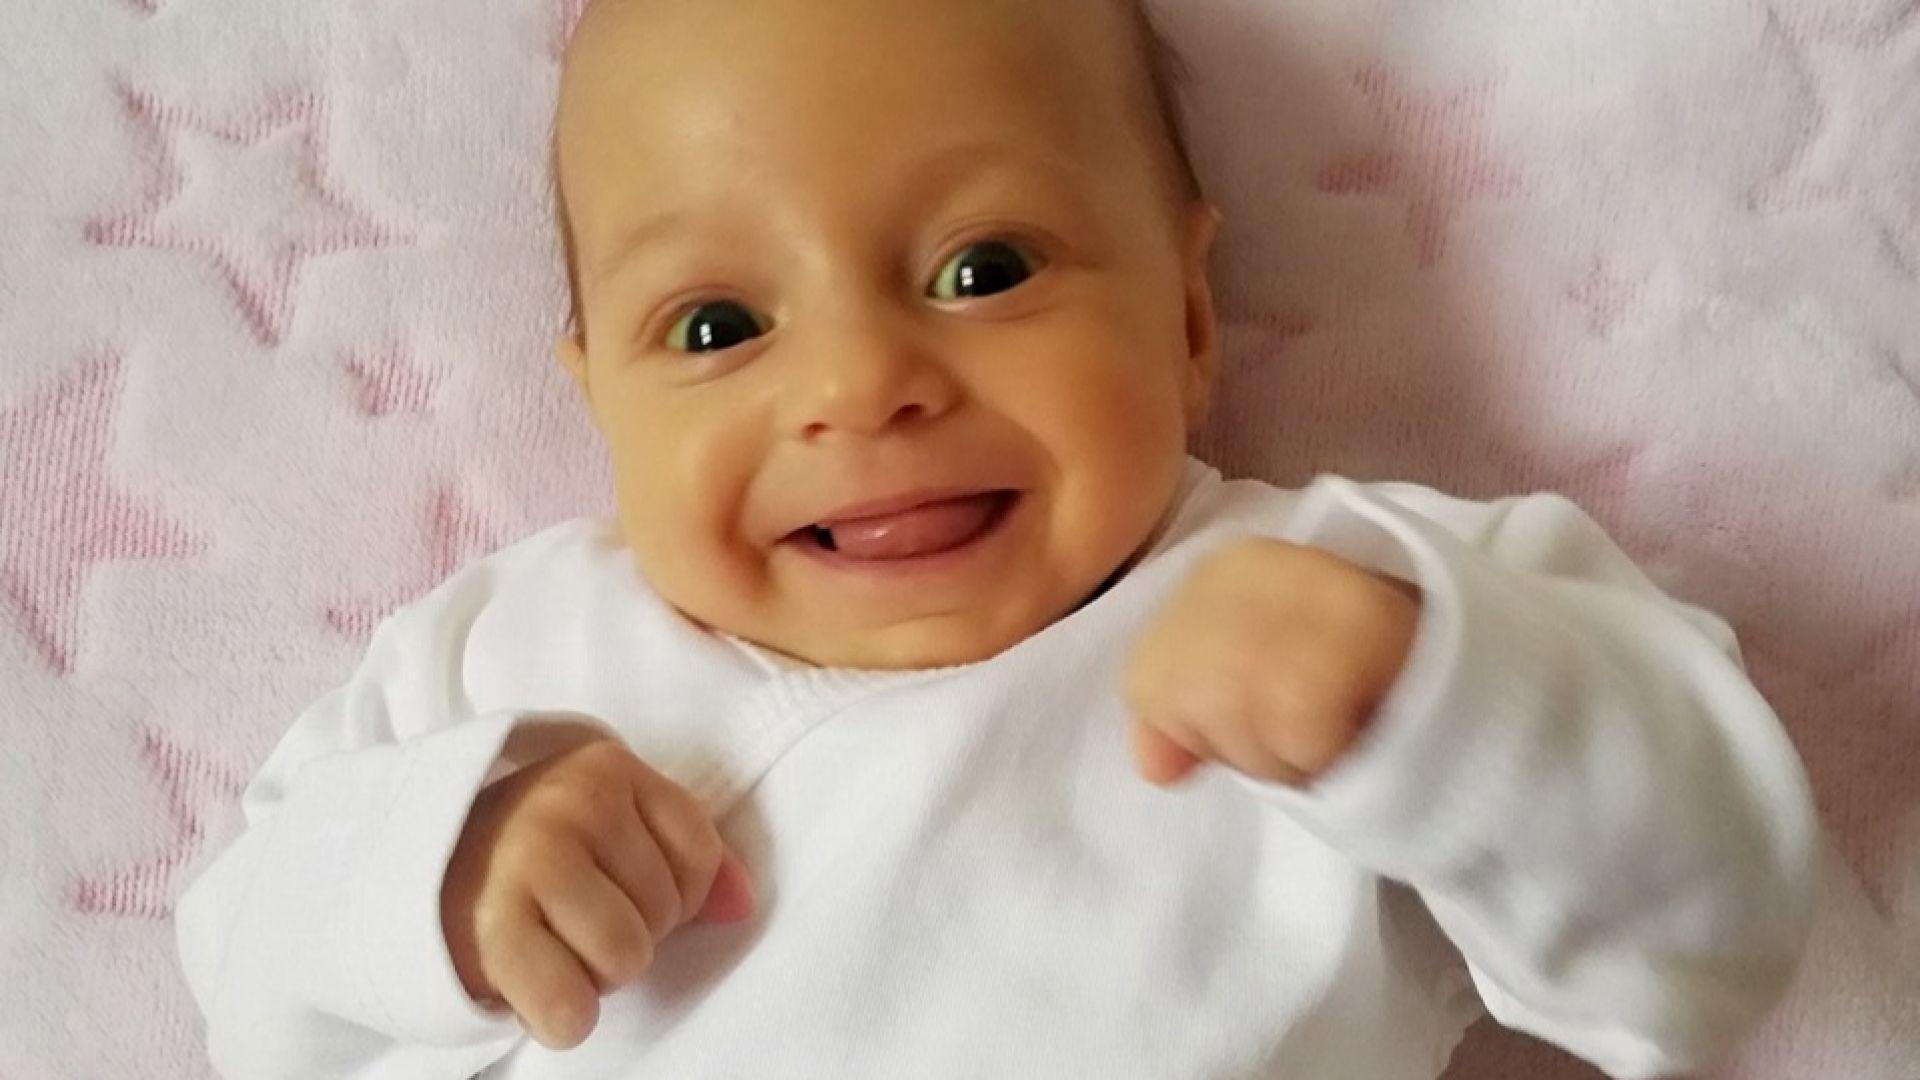 За 48 ч. хиляди събраха 280 000 евро за лечението на 2-месечната Калина (видео)